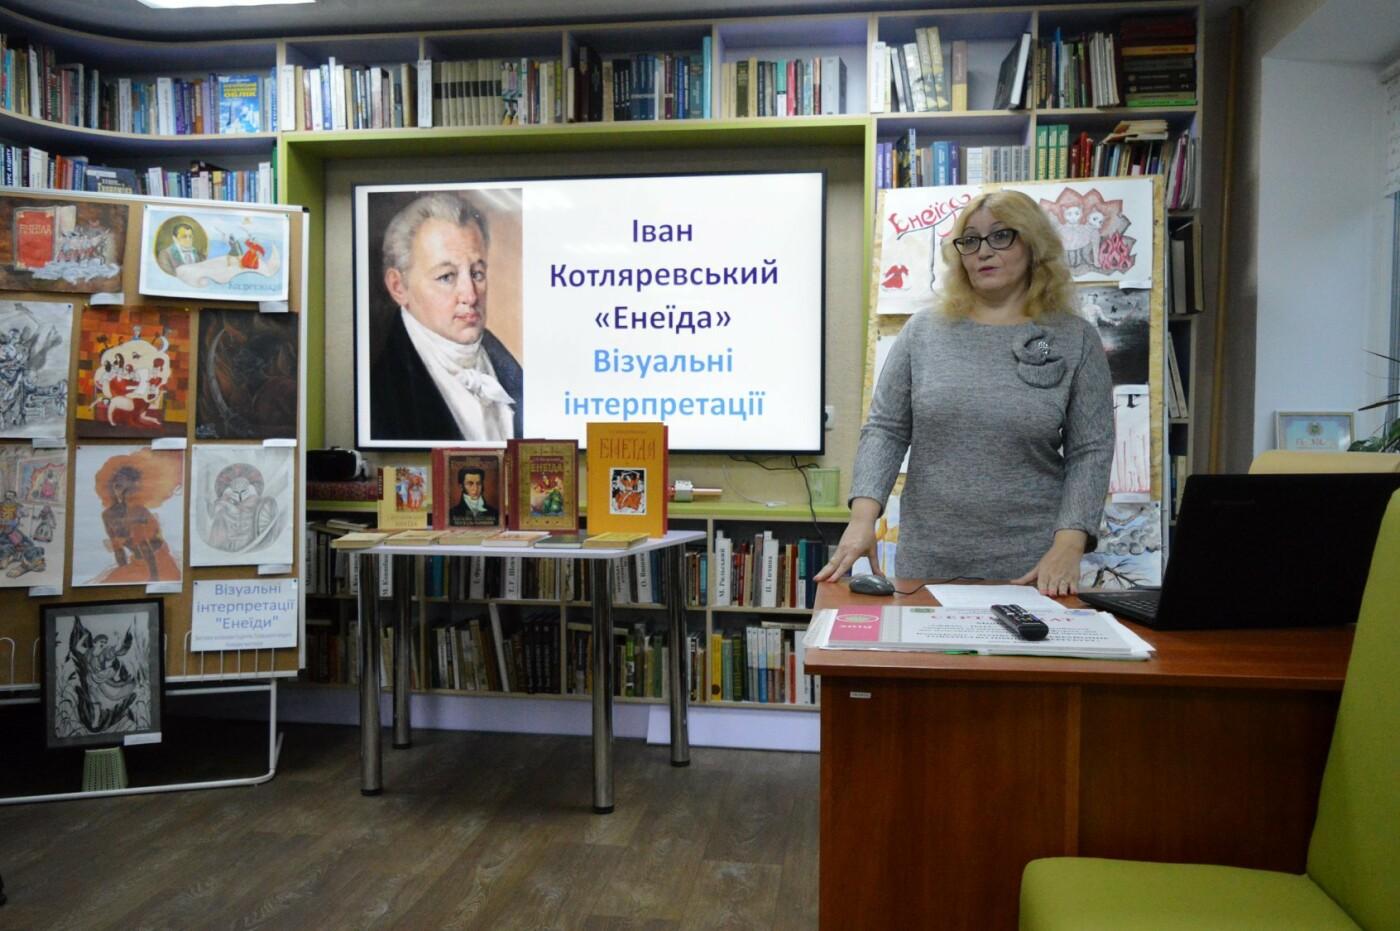 В Лозовой провели вечер литературы и искусства, посвященный 250-летию Ивана Котляревского, фото-1